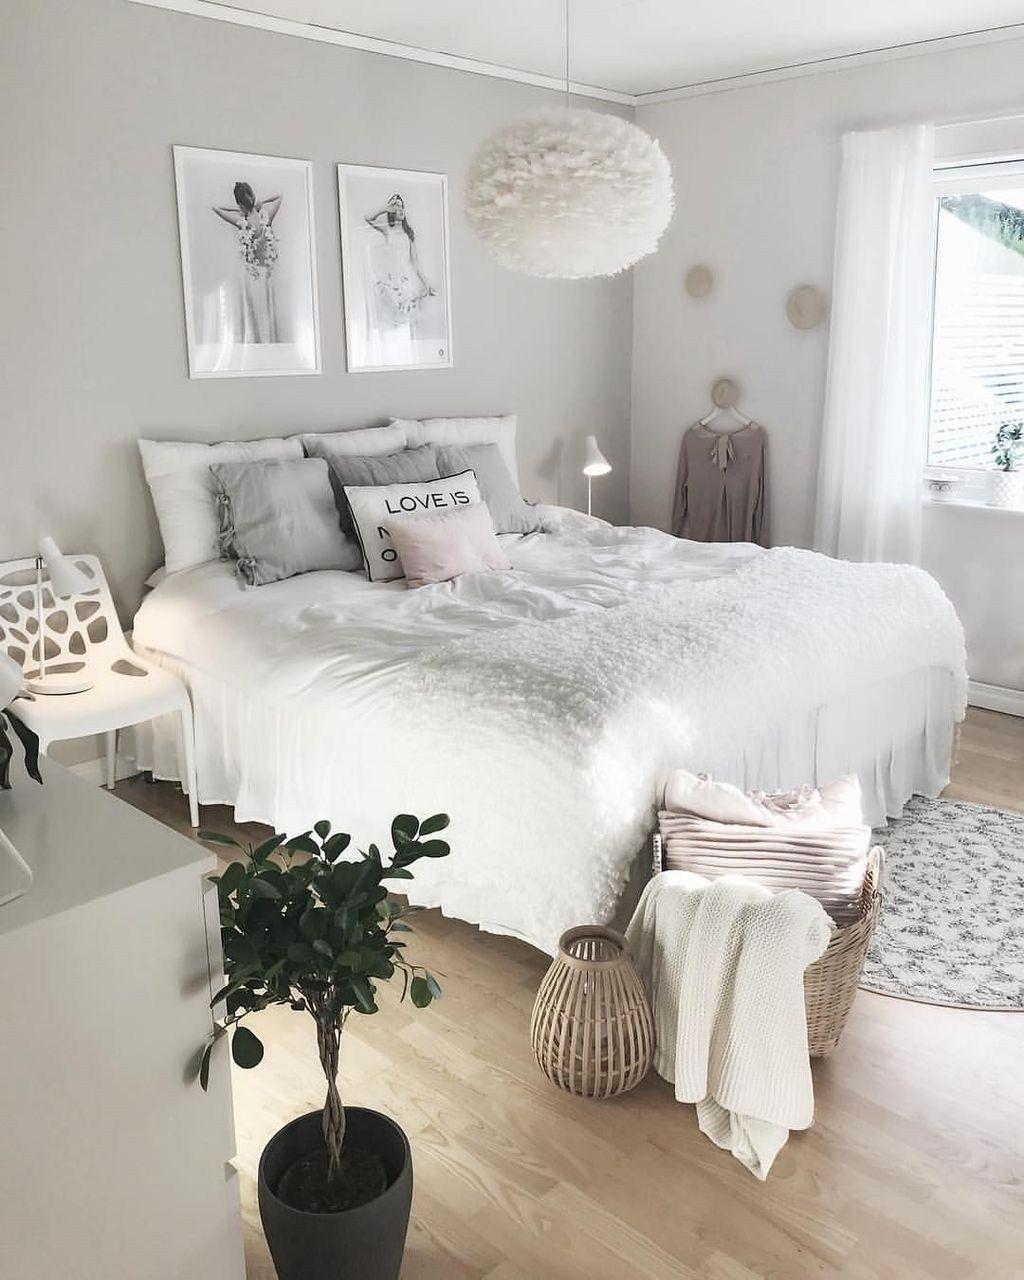 40 De Splendides Meubles Idees Pour Les Chambres A Coucher 7 C